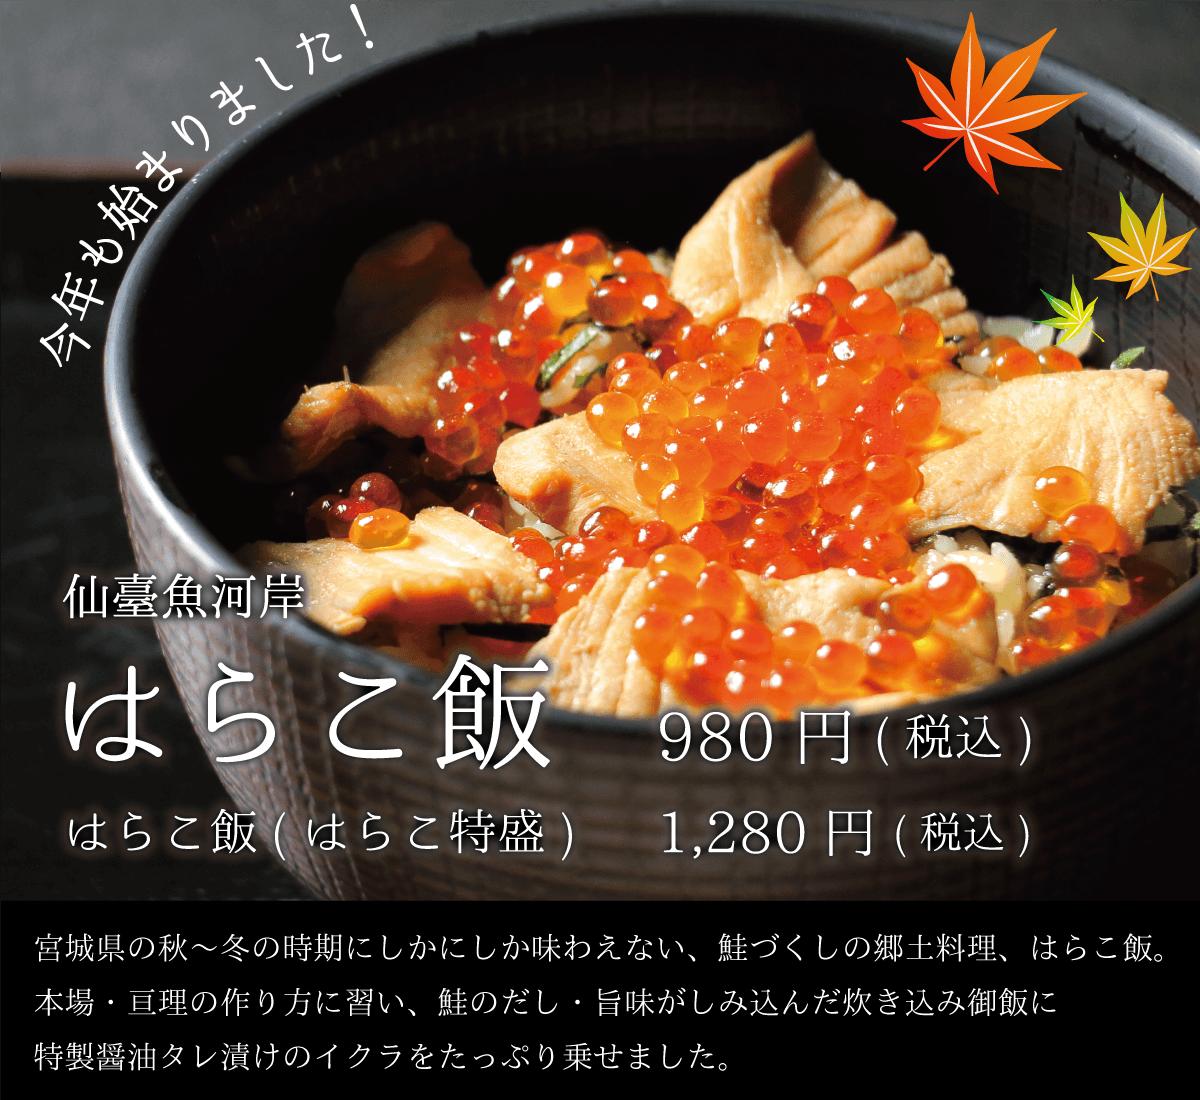 仙臺魚河岸 はらこ飯 980円 宮城の郷土料理